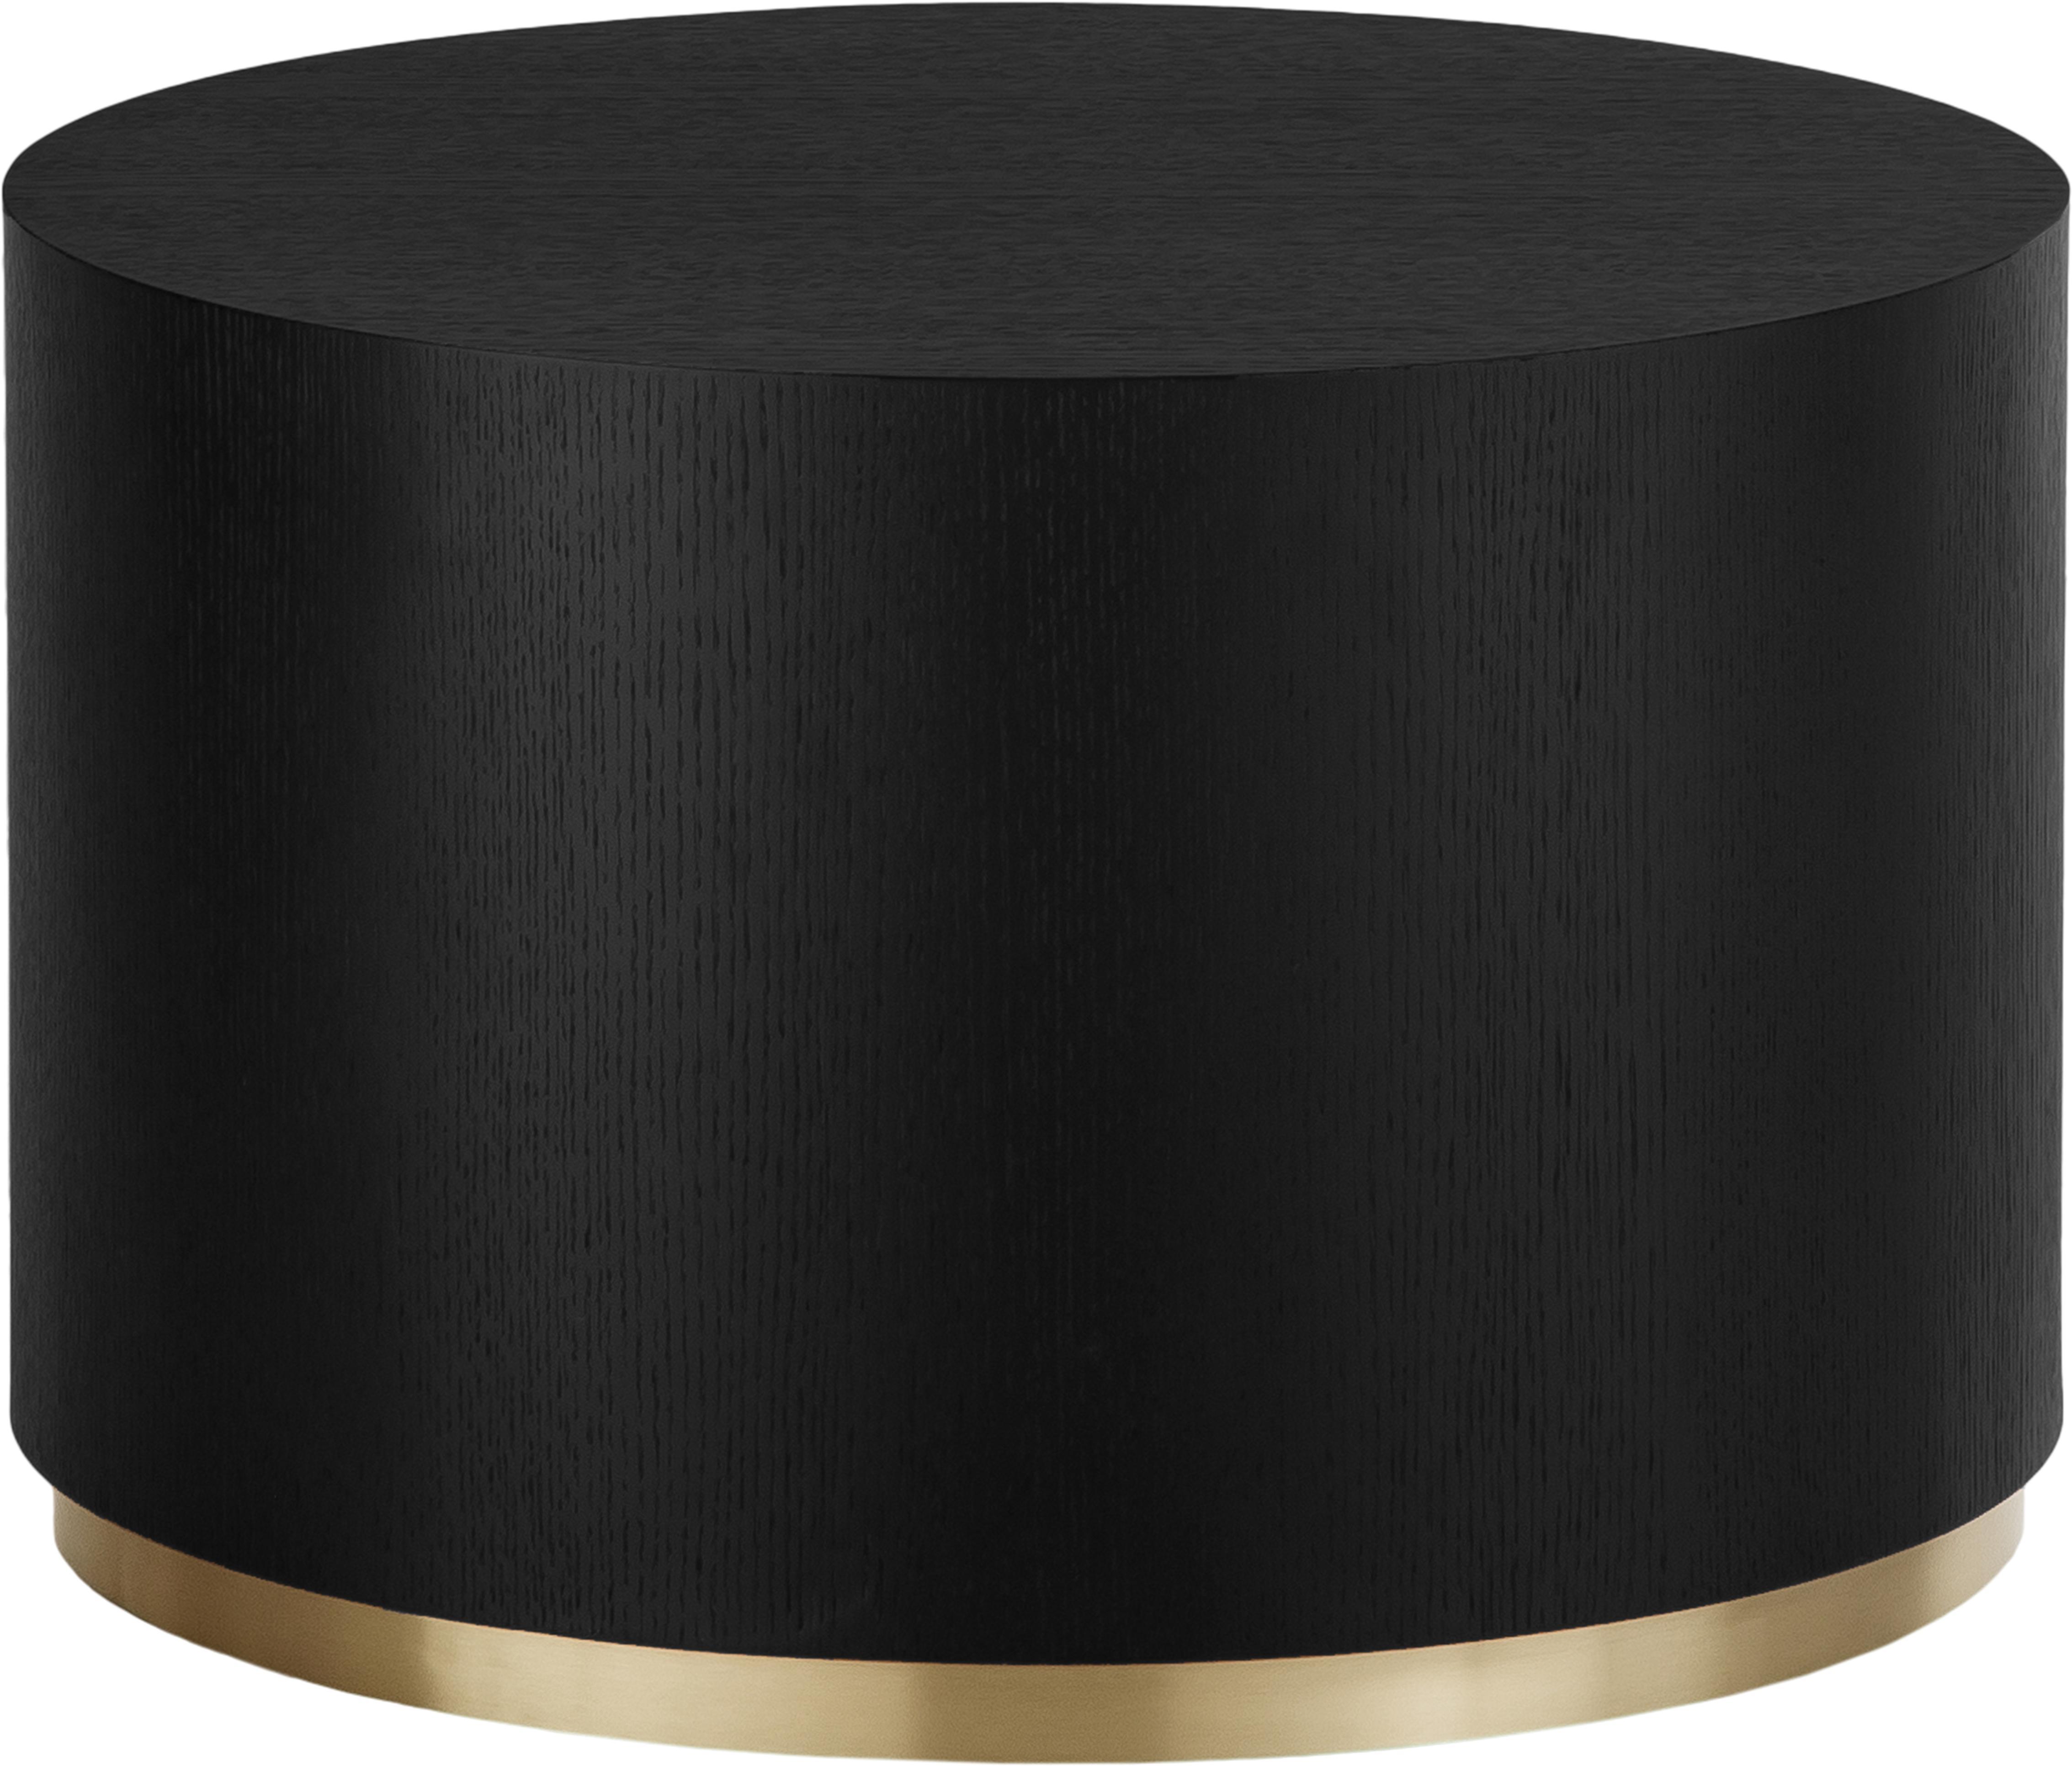 Runder Couchtisch Clarice in Schwarz, Korpus: Mitteldichte Holzfaserpla, Fuß: Metall, beschichtet, Korpus: Eichenholz, schwarz lackiertFuß: Goldfarben, Ø 60 x H 40 cm